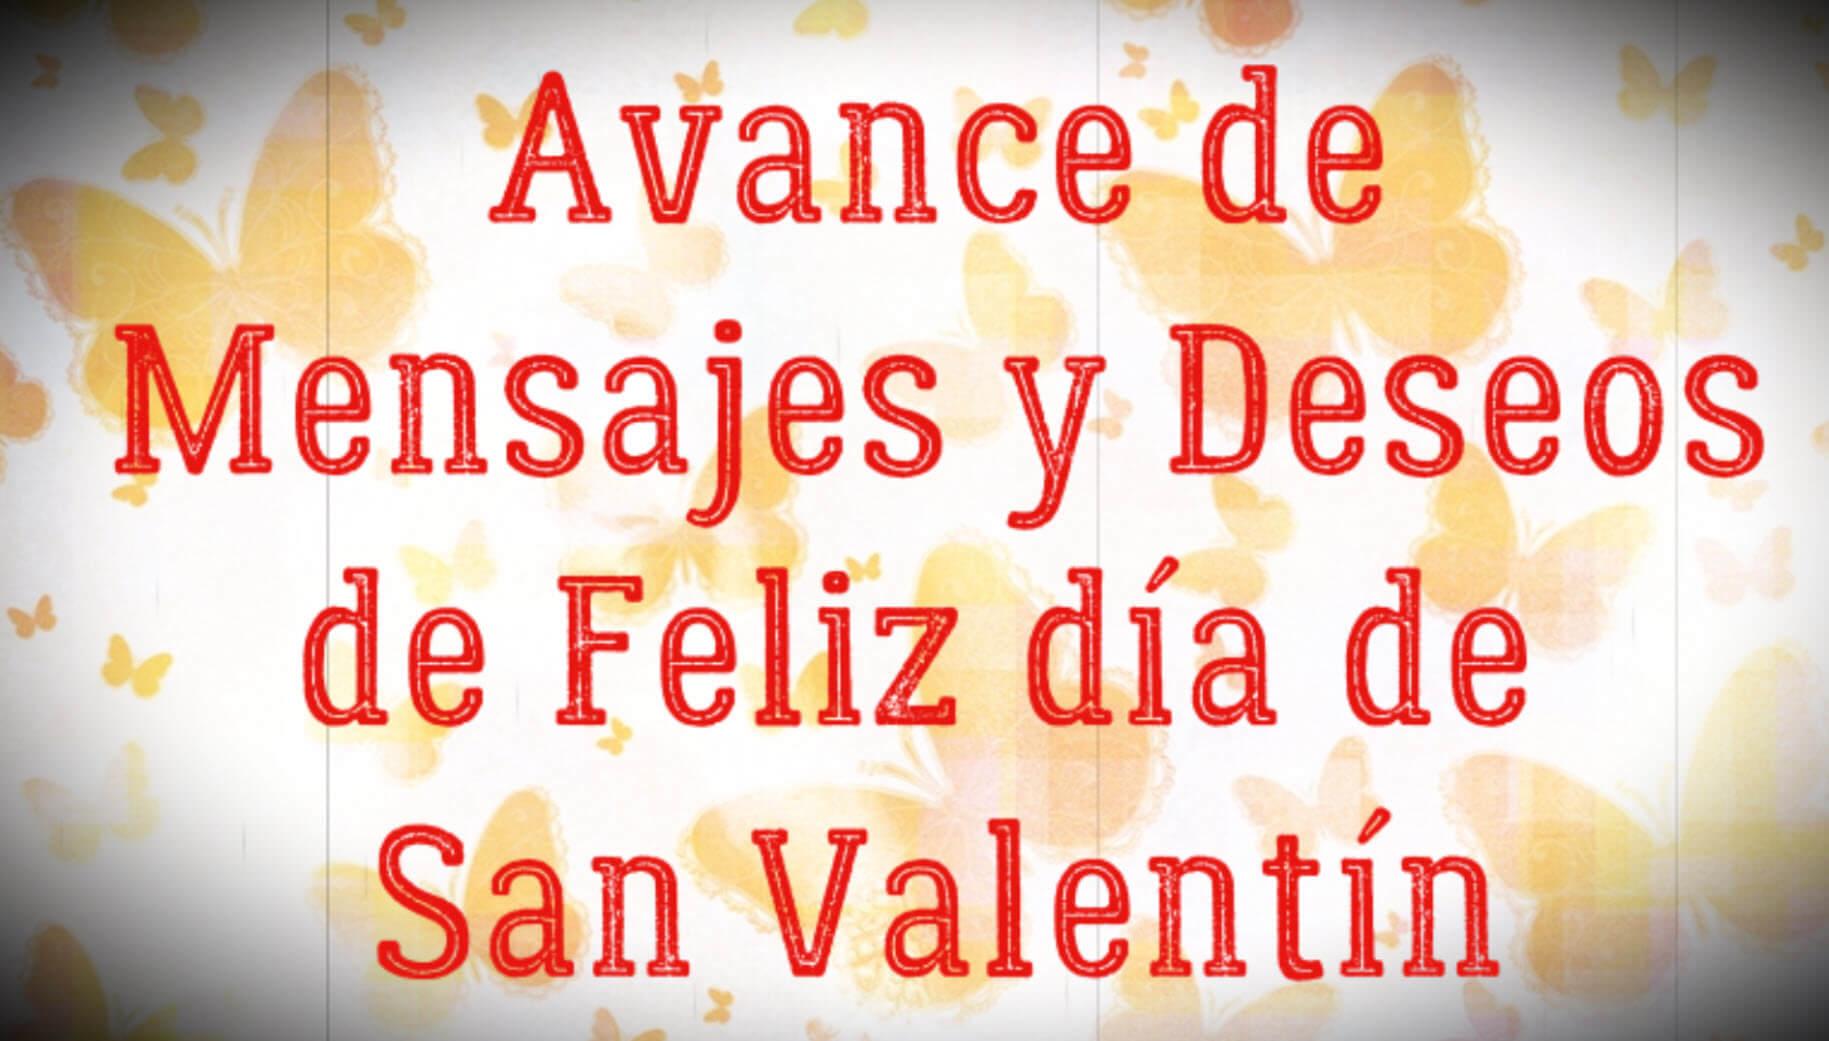 Avance de mensajes y deseos de feliz día de San Valentín